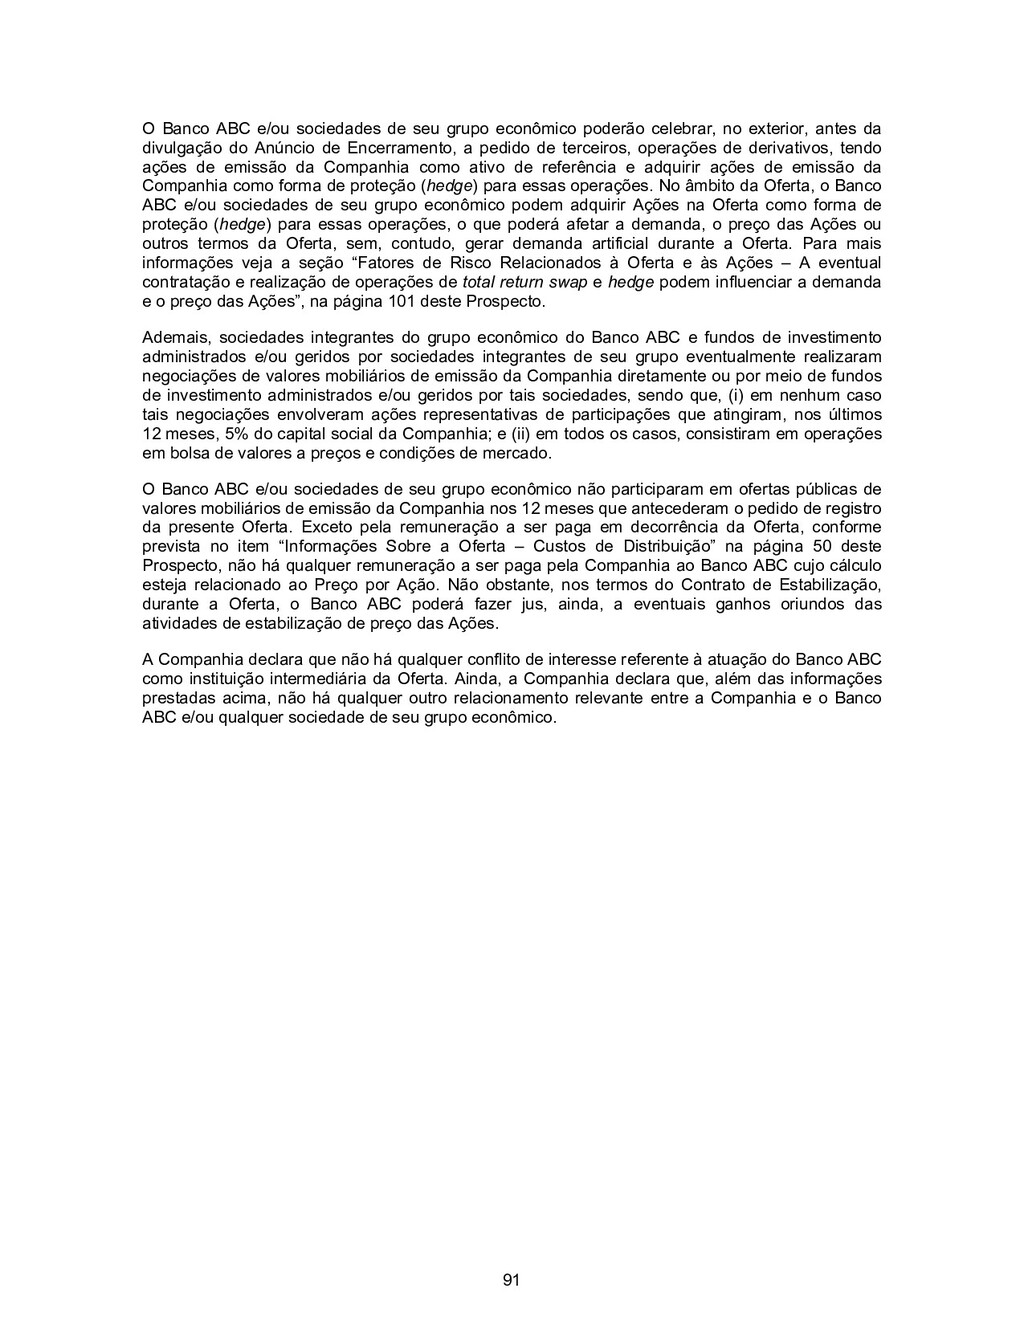 91 O Banco ABC e/ou sociedades de seu grupo eco...